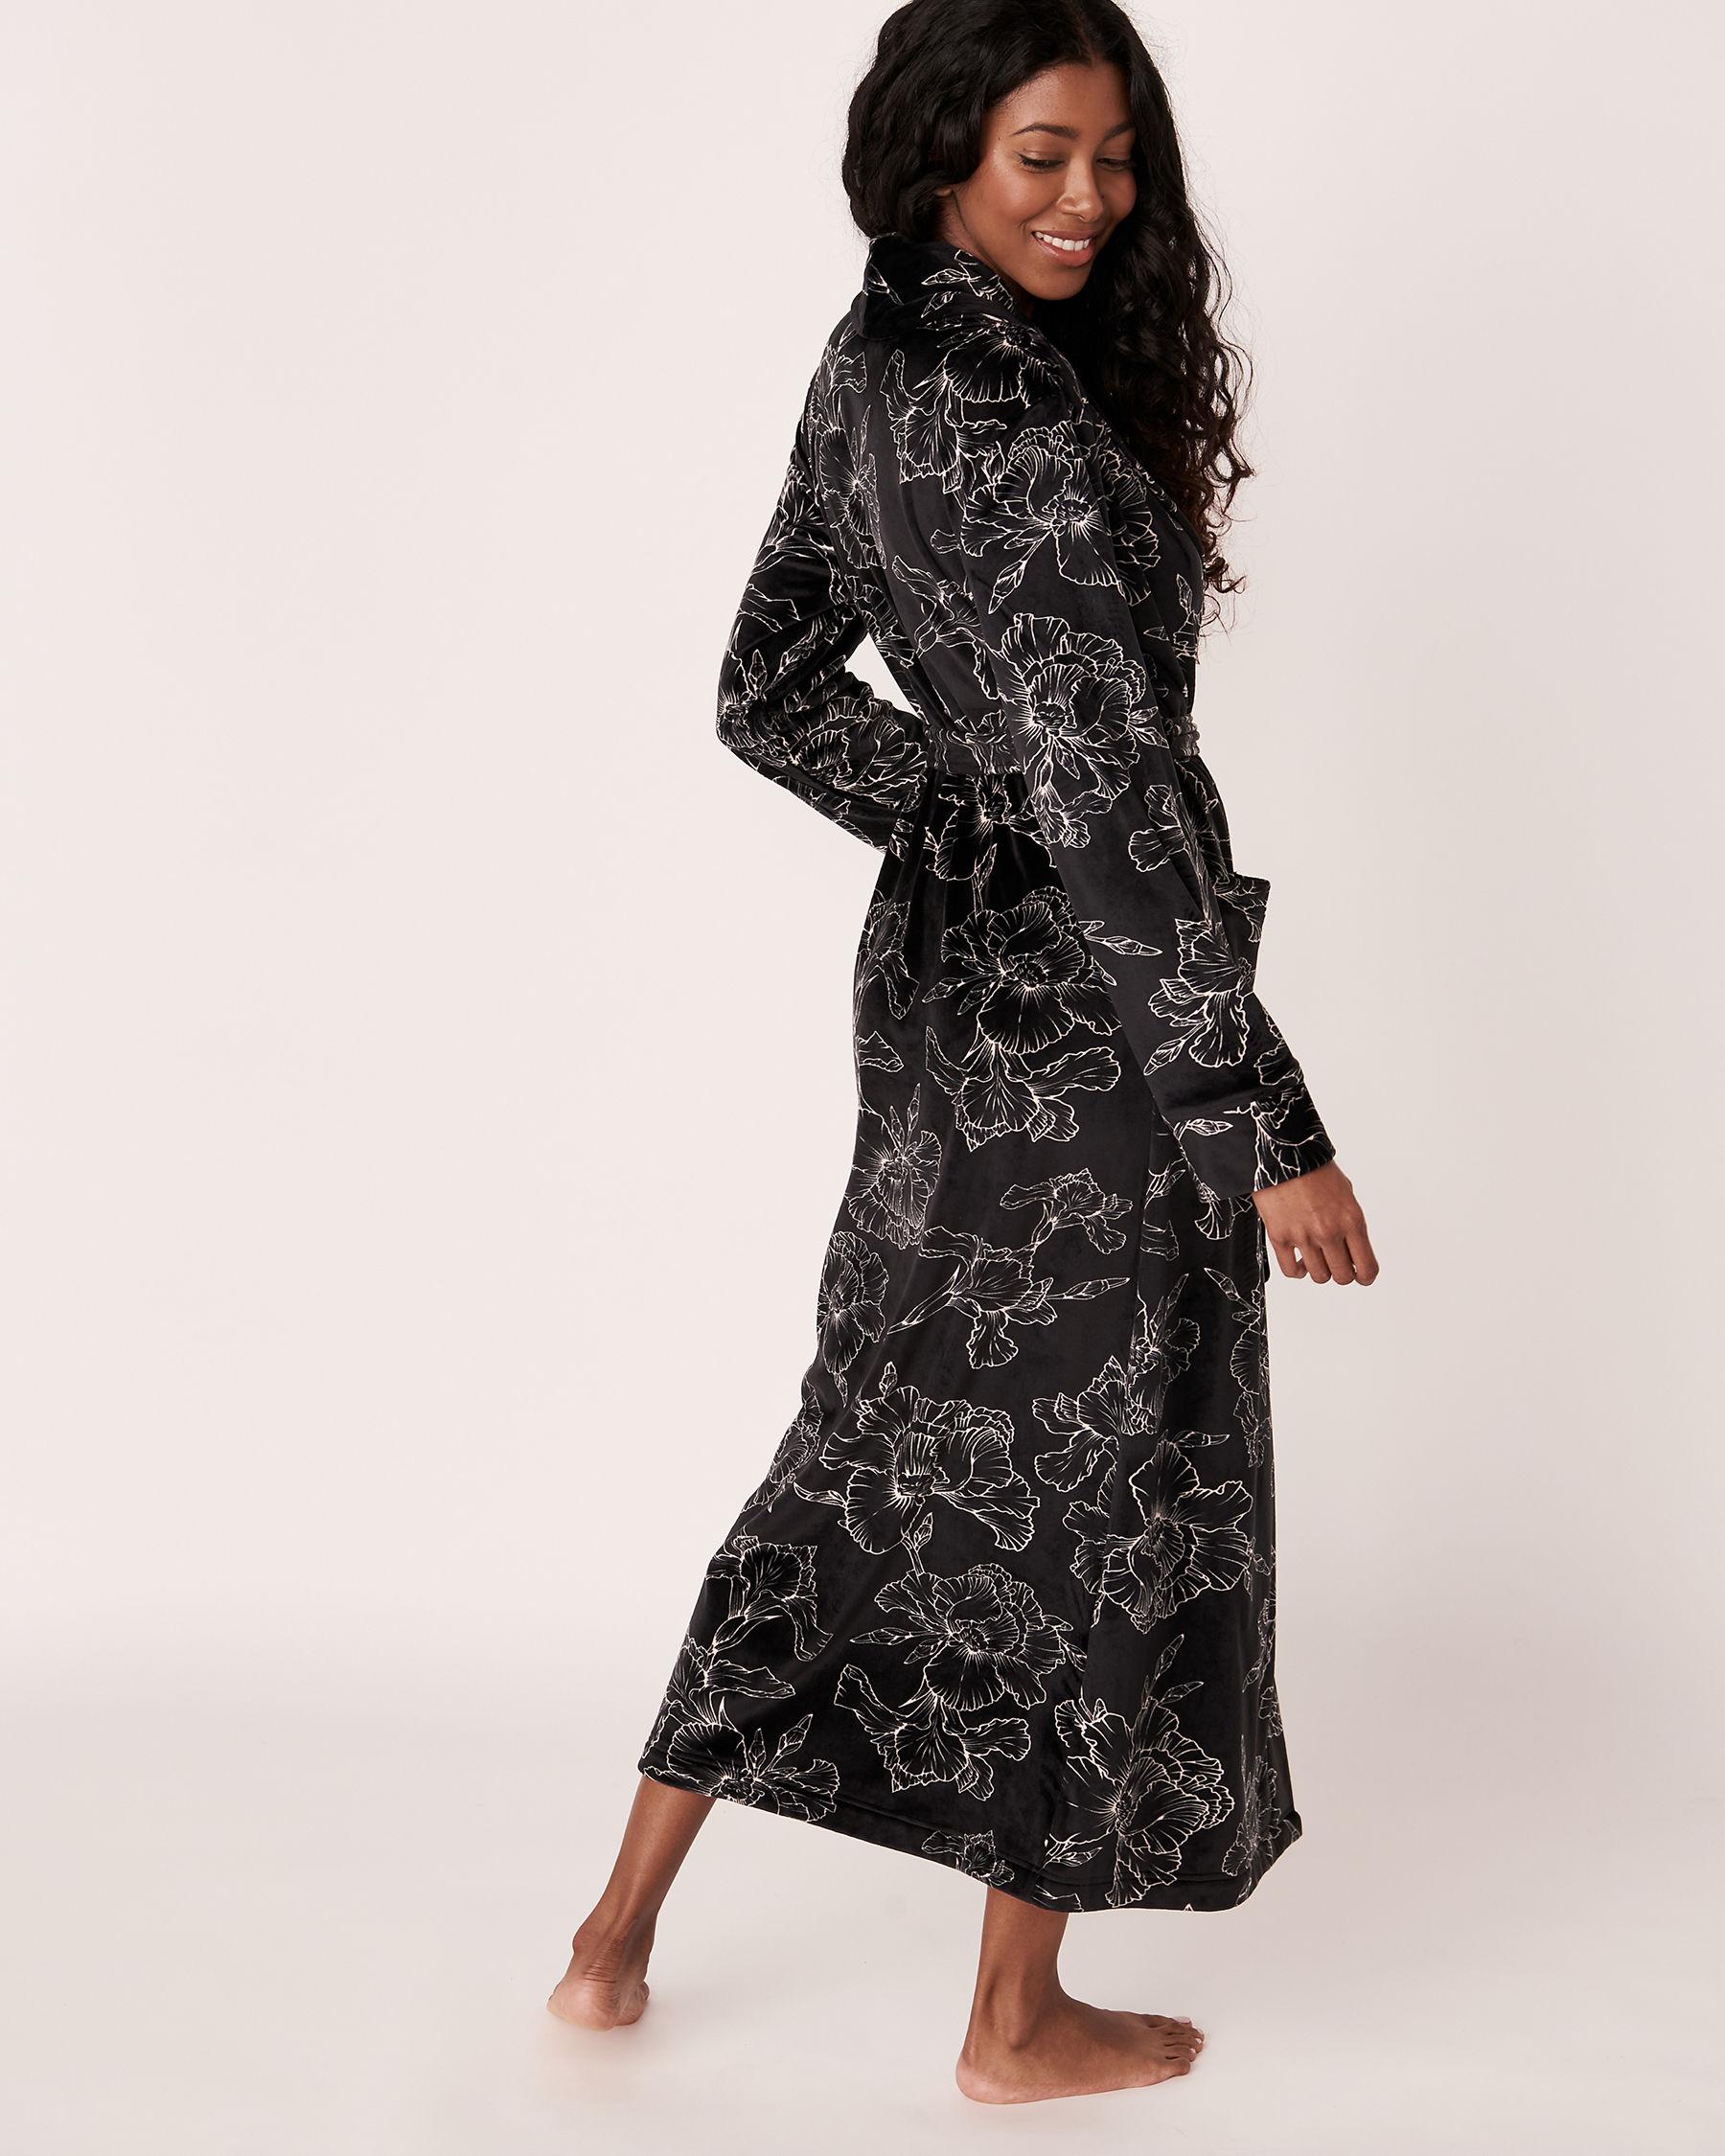 LA VIE EN ROSE Long Velvet Robe Black flower 40600022 - View3